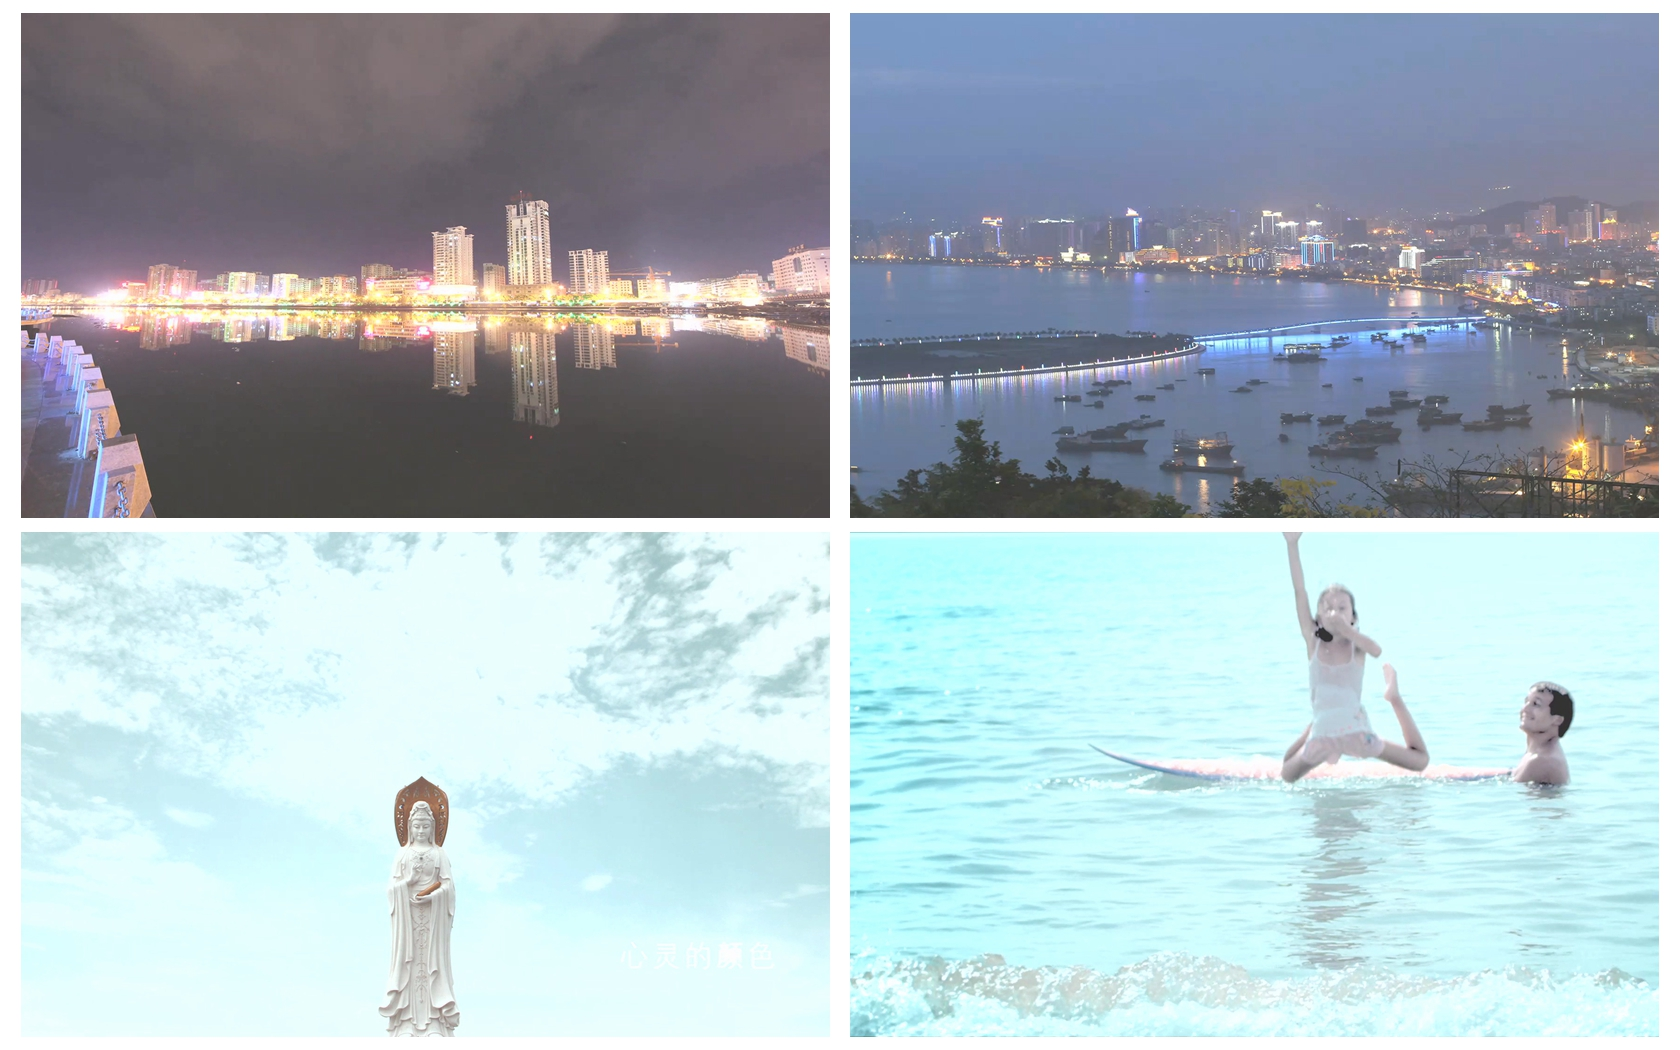 三亞美好風光海灘度假圣地城市建筑形象宣傳高清視頻實拍